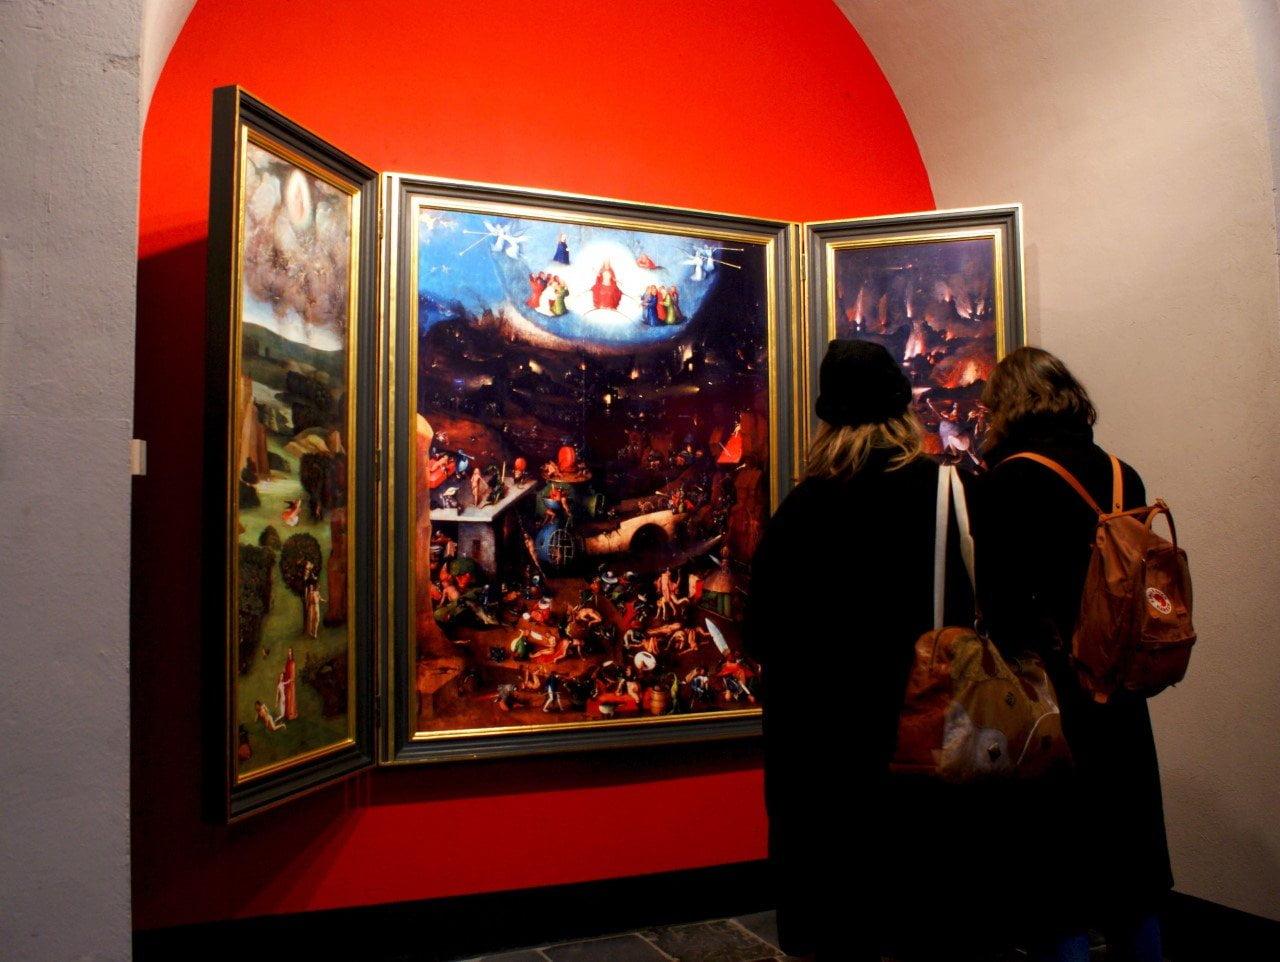 Drieluik bij het Jheronimus Bosch Art Center